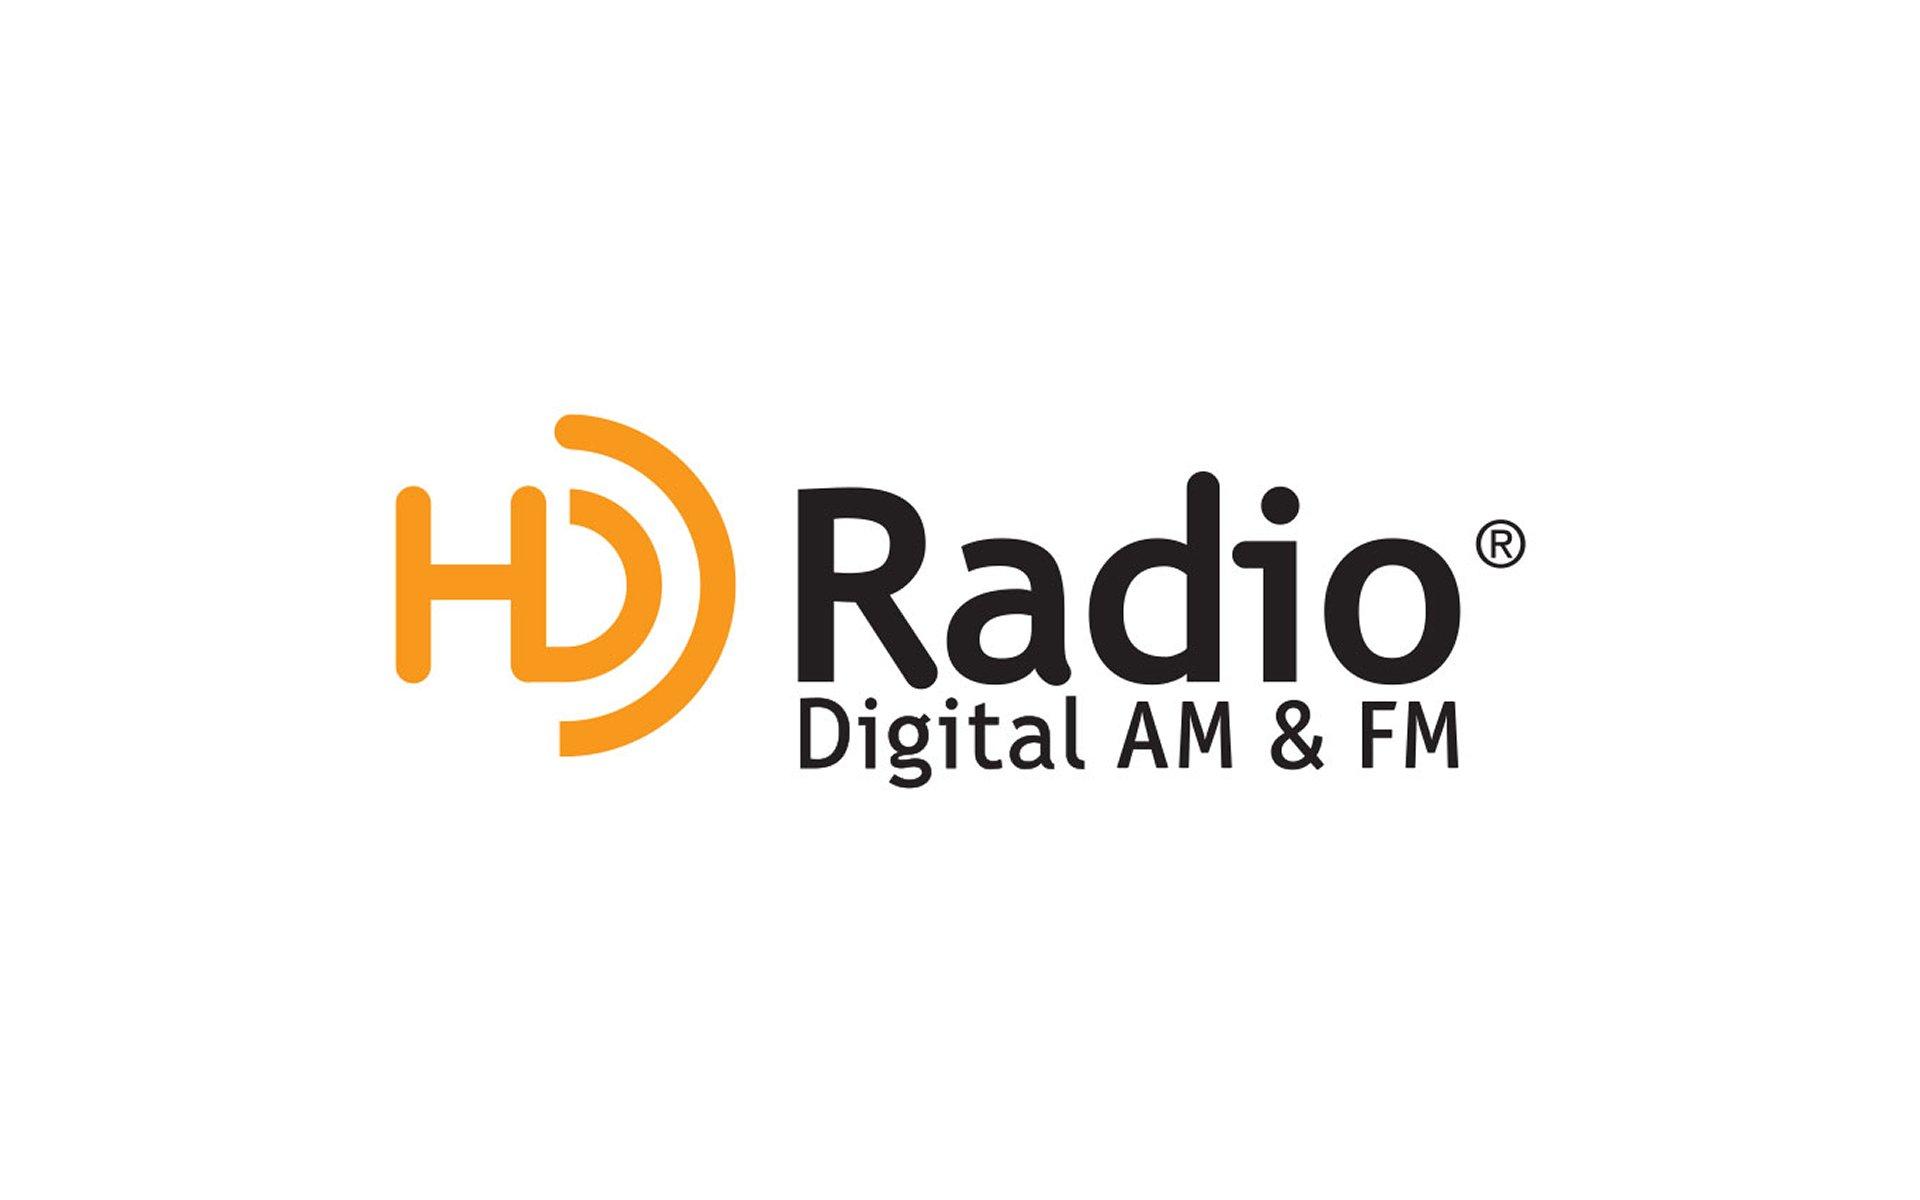 Listen to Sportsnet 590 The FAN in HD! - Sportsnet ca